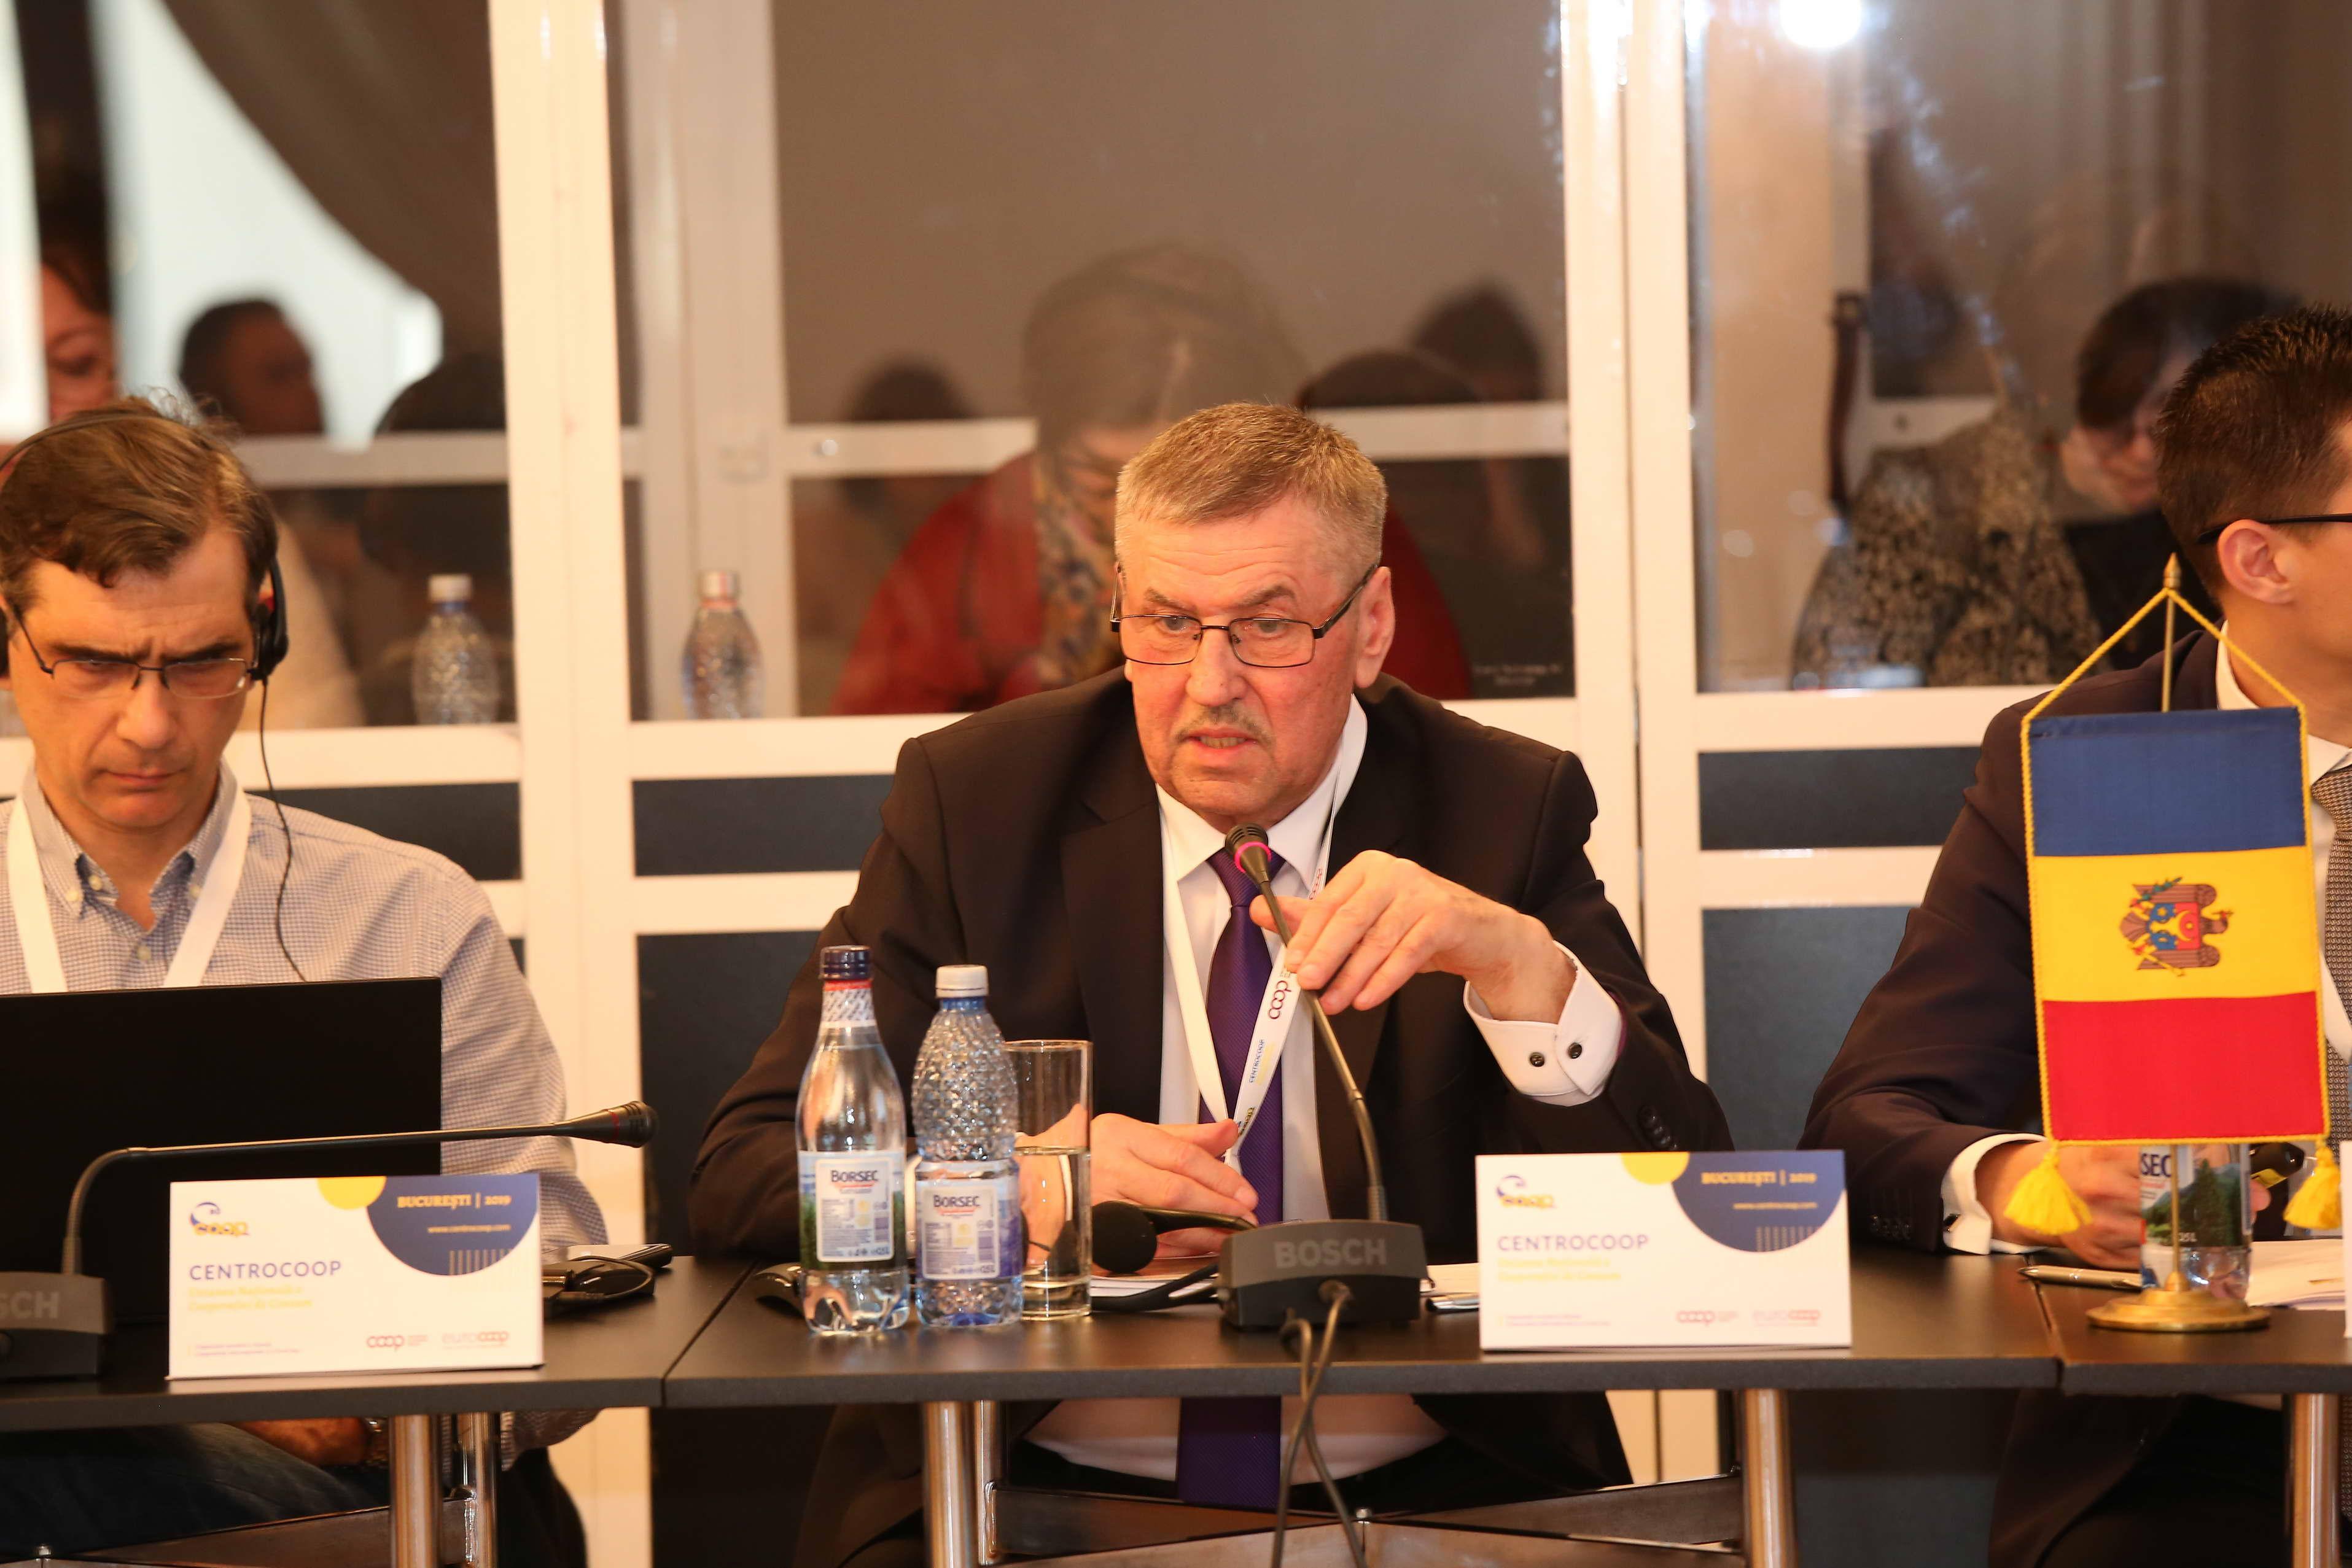 MOLDCOOP President Vasile Carauş addressing Euro Coop members